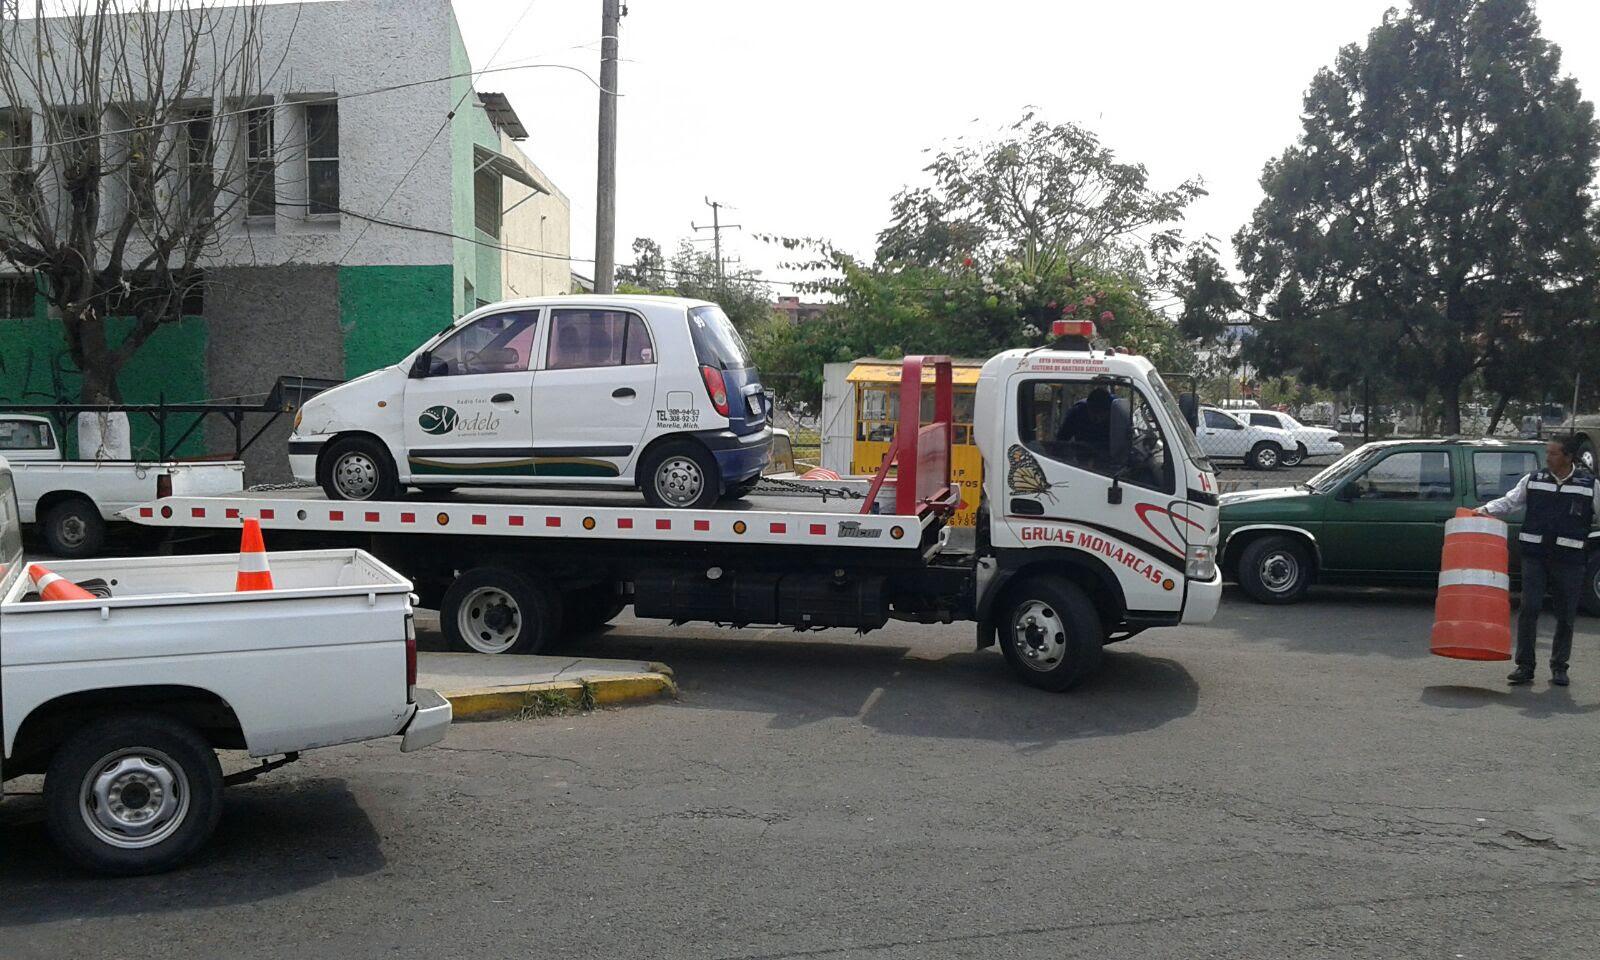 El grueso de los operativos se ha realizado en Morelia, Uruapan, Zitácuaro y Lázaro Cárdenas, pero organizaciones de Pátzcuaro, Zamora, Zacapu y otros municipios han solicitado la presencia de los inspectores